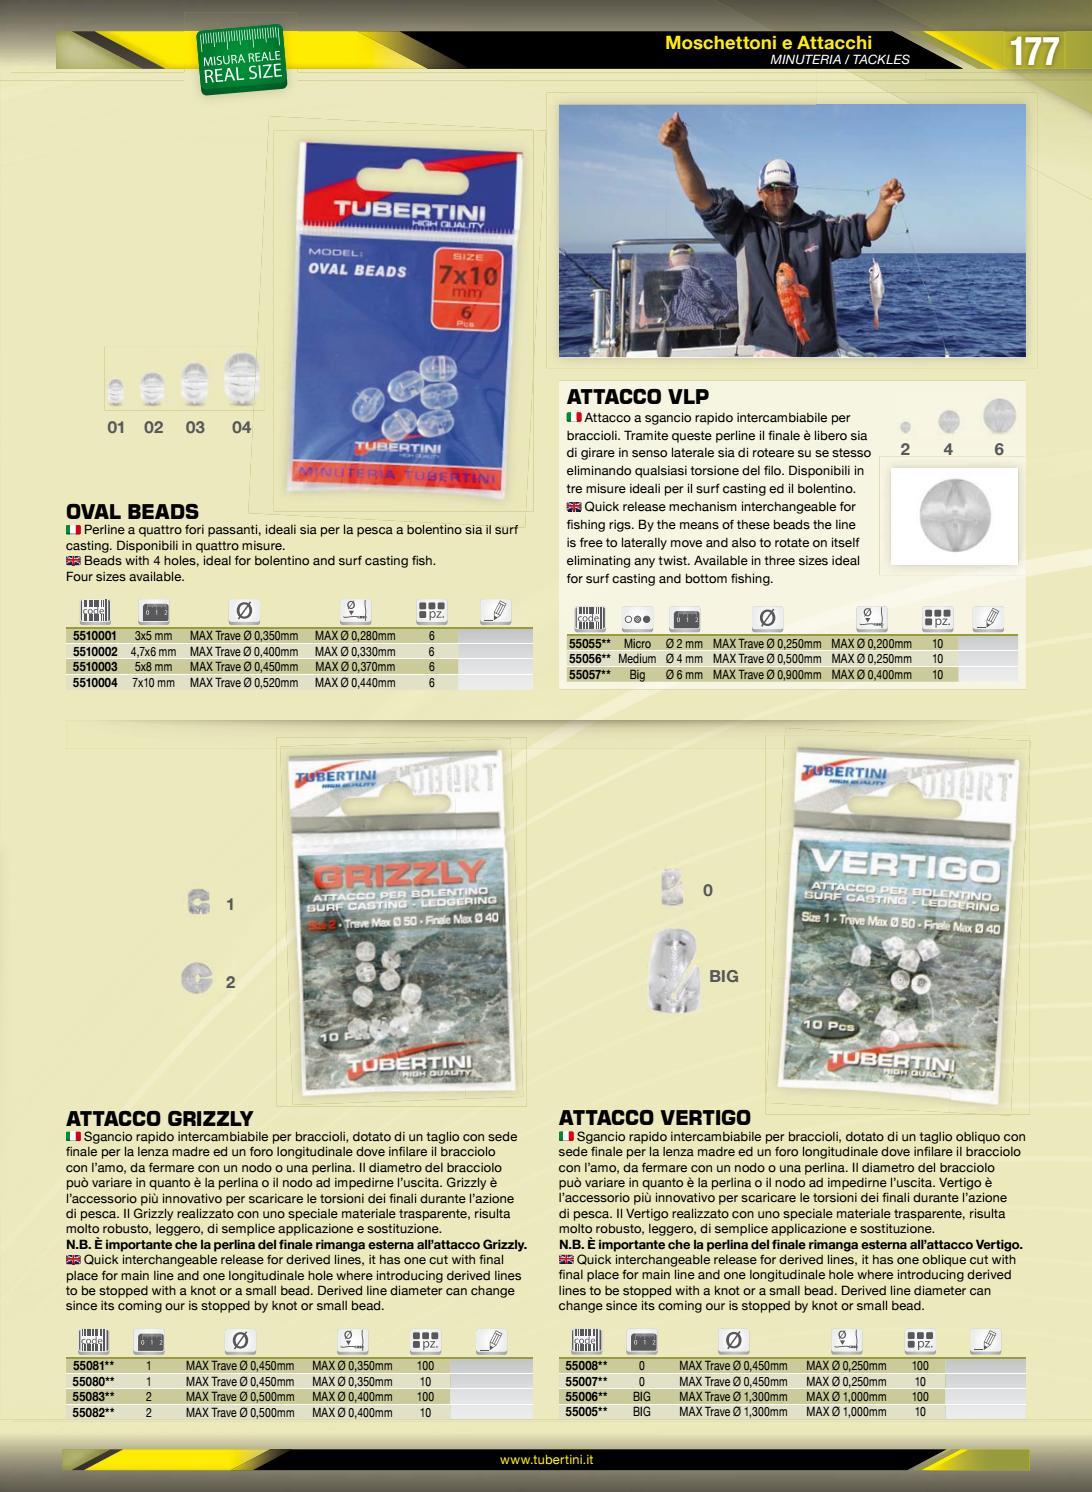 PERLINE A 4 FORI OVAL BEADS 7 X 10 mm TUBERTINI PESCA BOLENTINO SURF CASTING